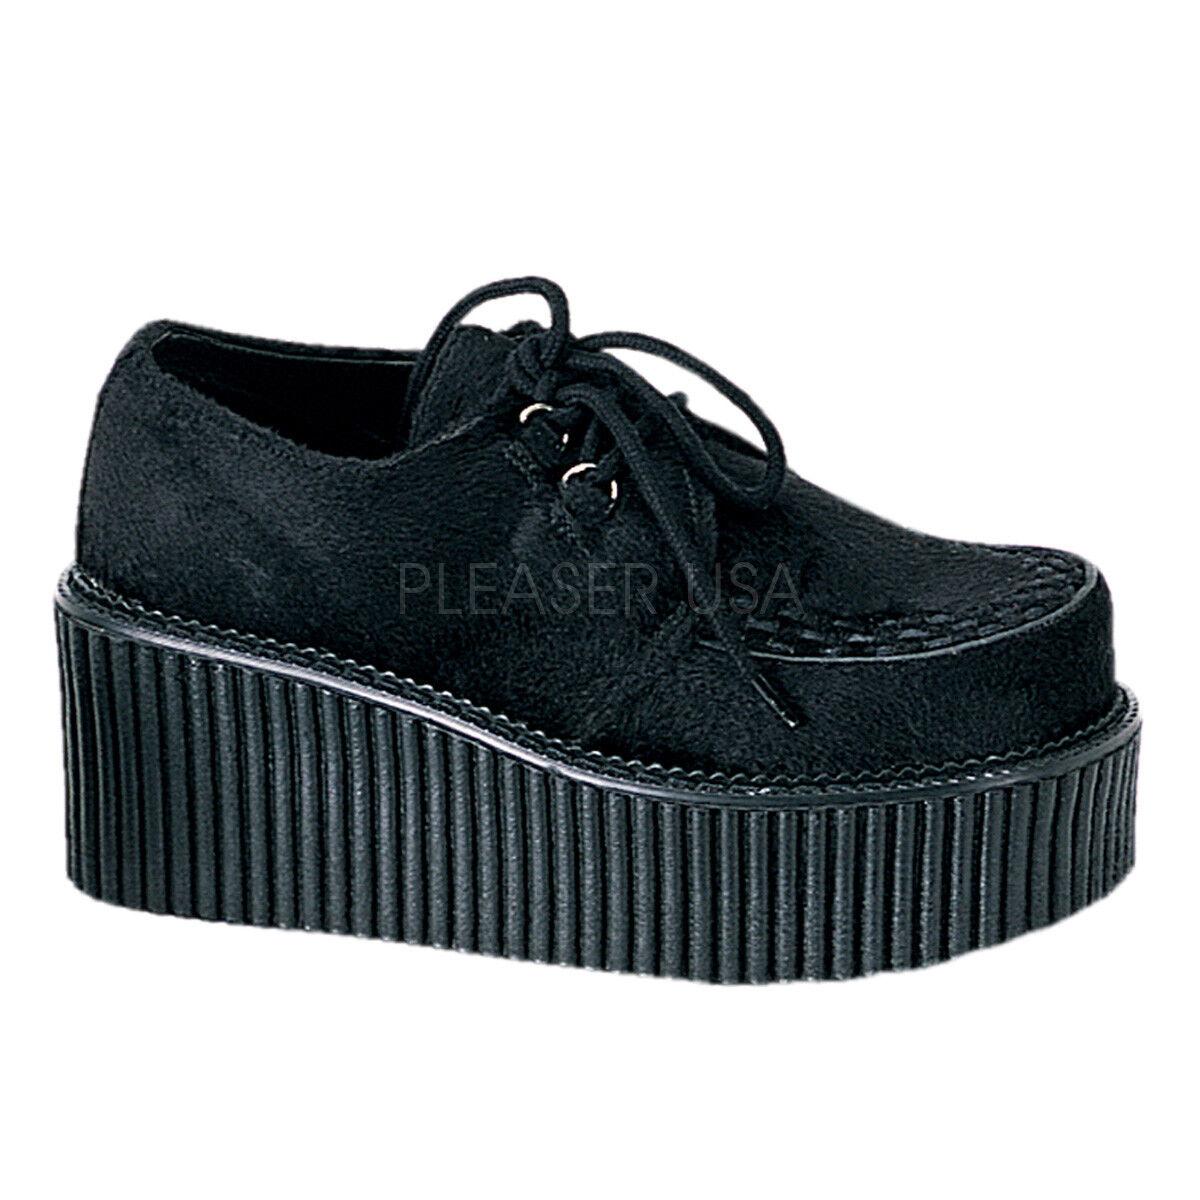 presentando tutte le ultime tendenze della moda Demonia CREEPER-202 Platform nero Fur D-Ring D-Ring D-Ring Lace Up Casual scarpe Goth Punk  all'ingrosso a buon mercato